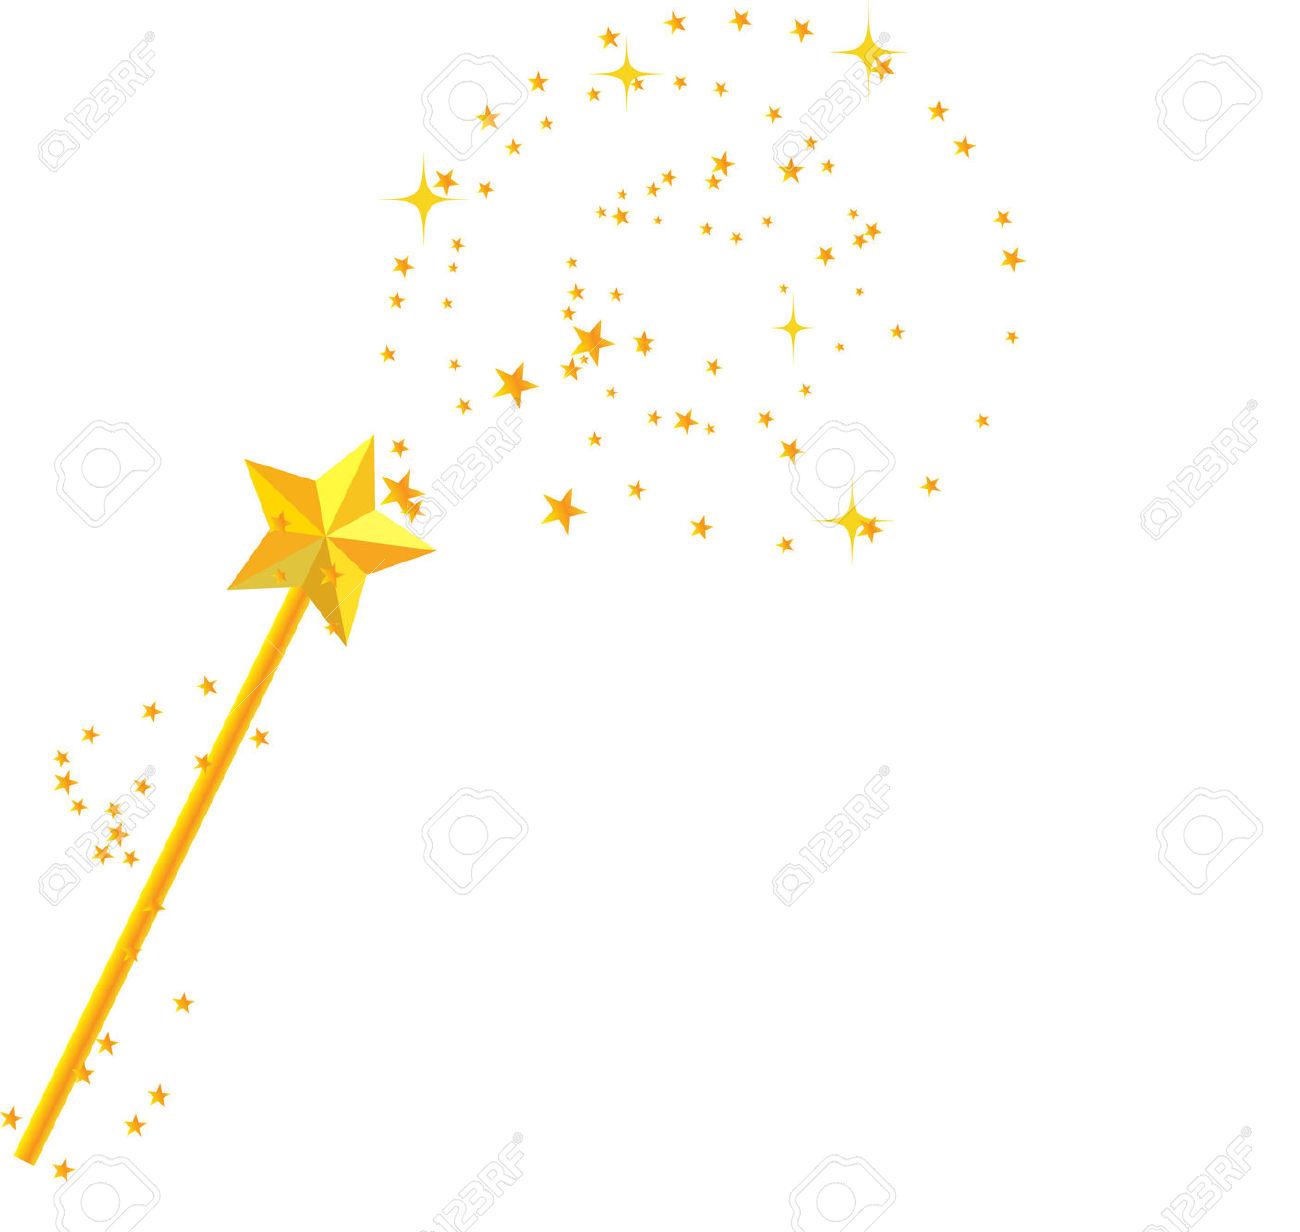 Sparkles clipart pixie dust #7